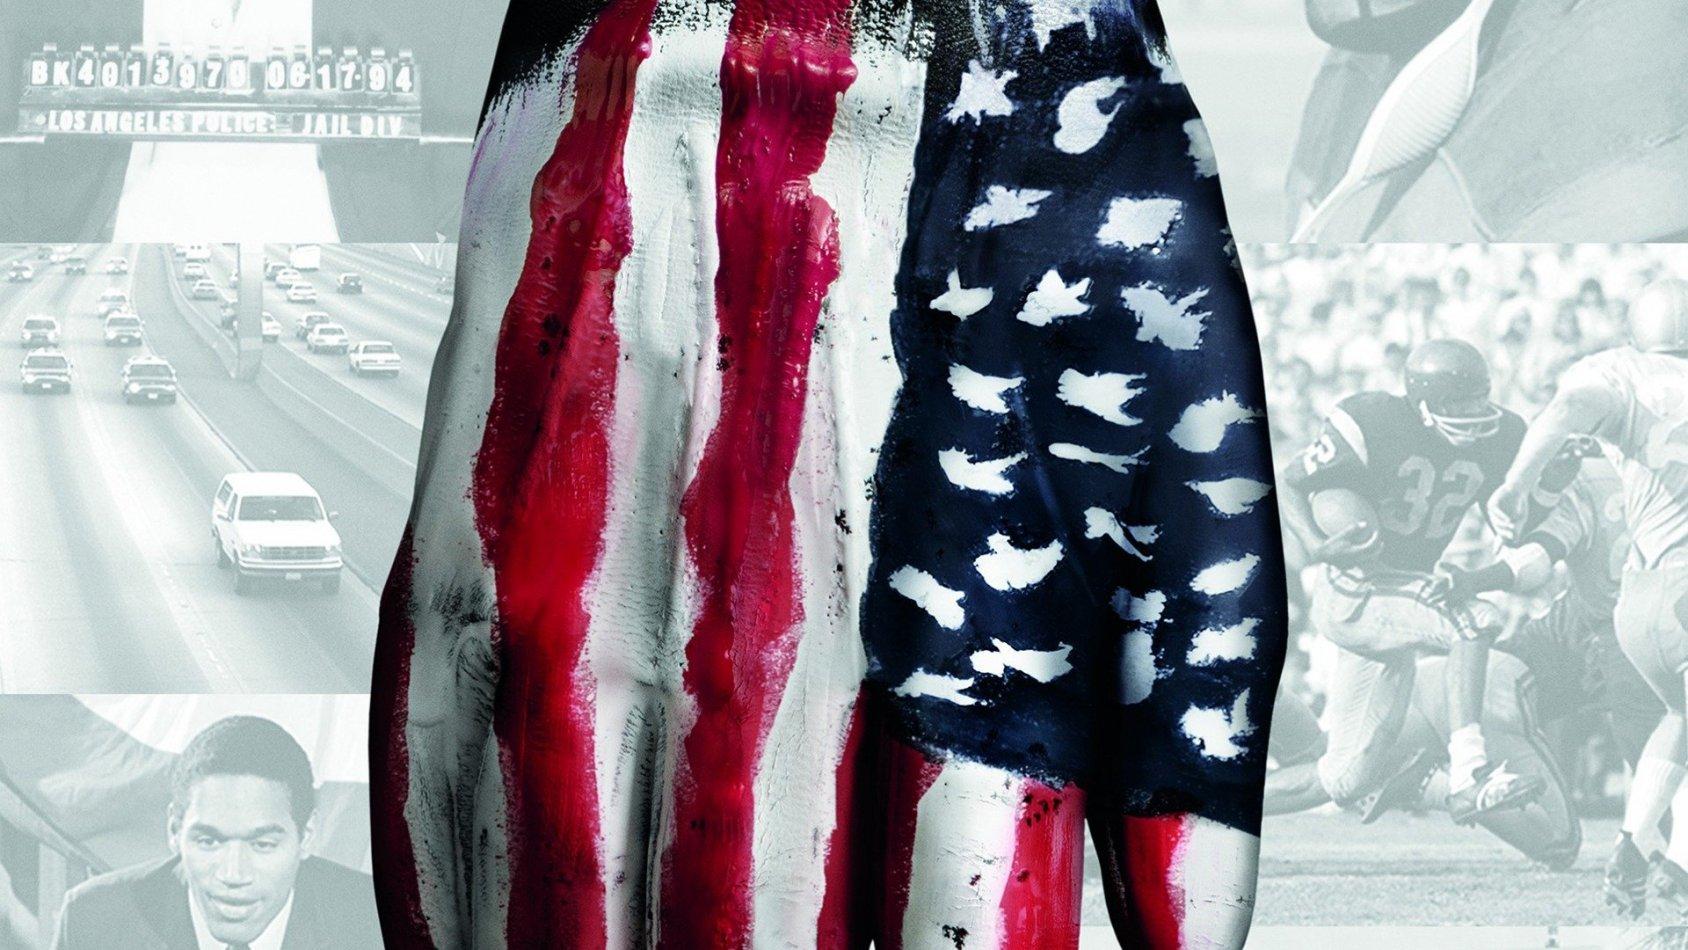 OJ Simpson: Made in America